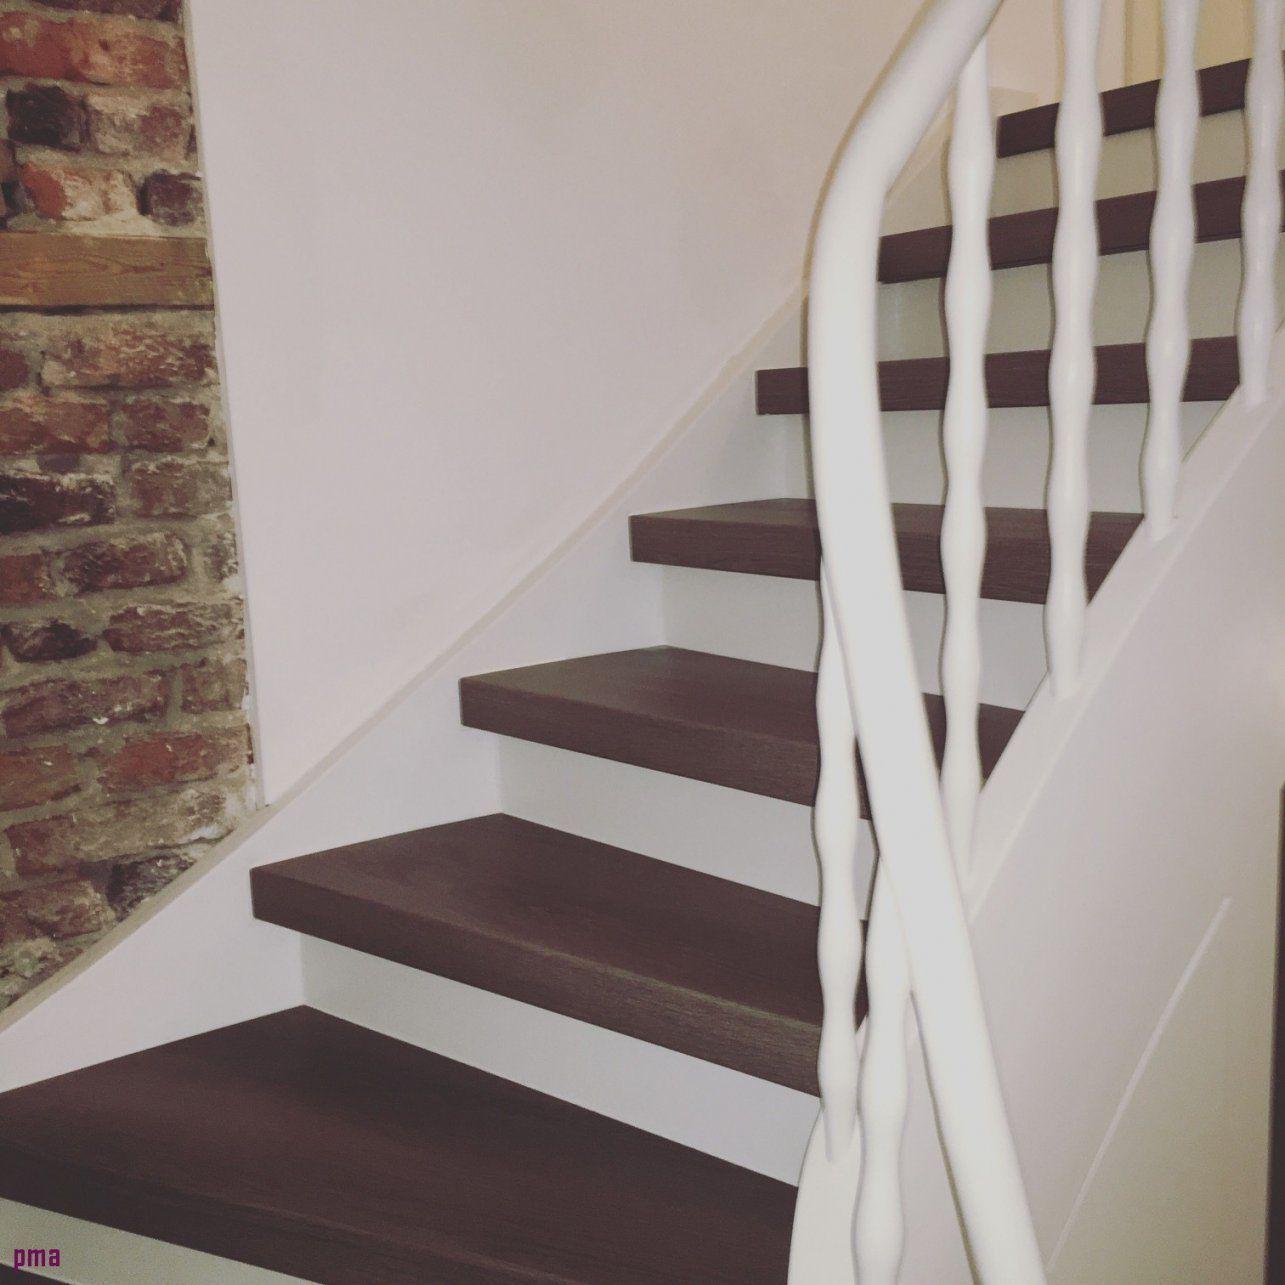 Offene Treppe Neu Gestalten Treppenrenovierung Treppensanierung